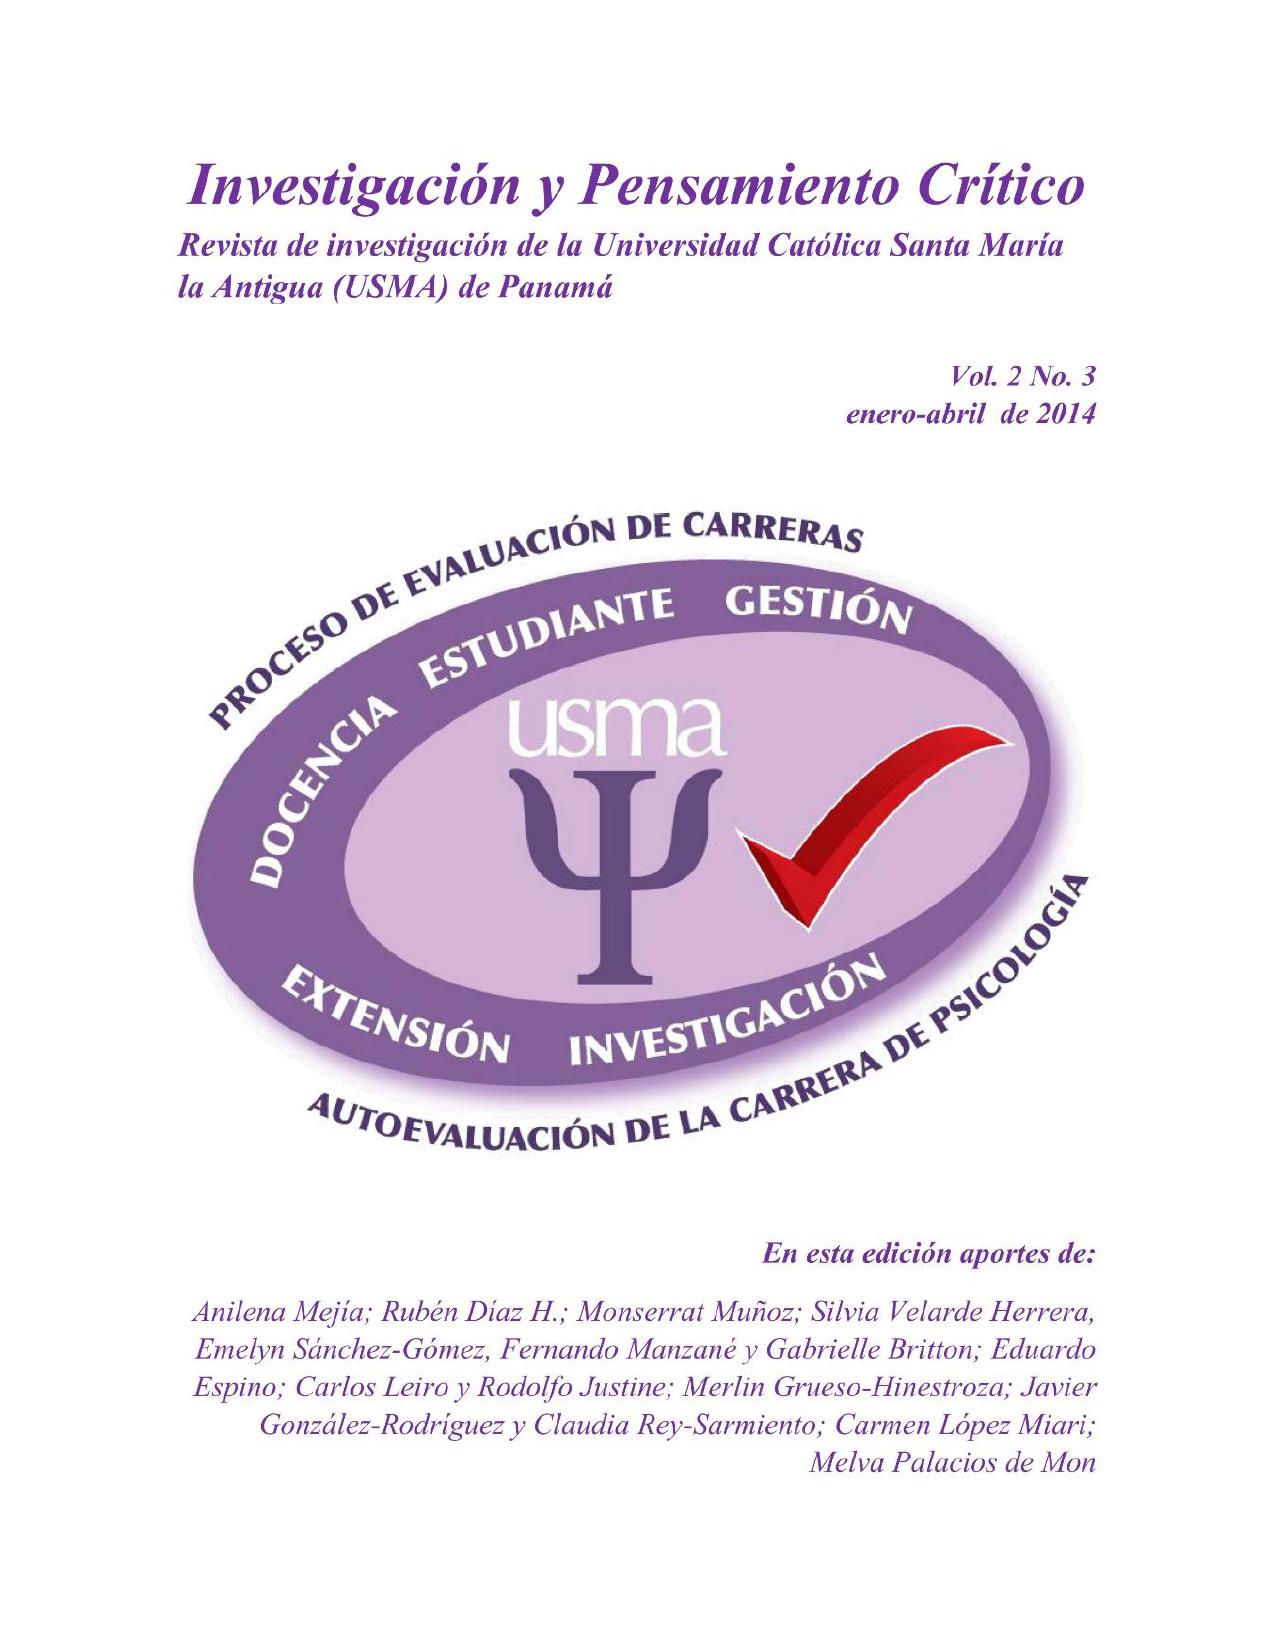 Imagen revista IPC, volumen 2, número 3, año 2014